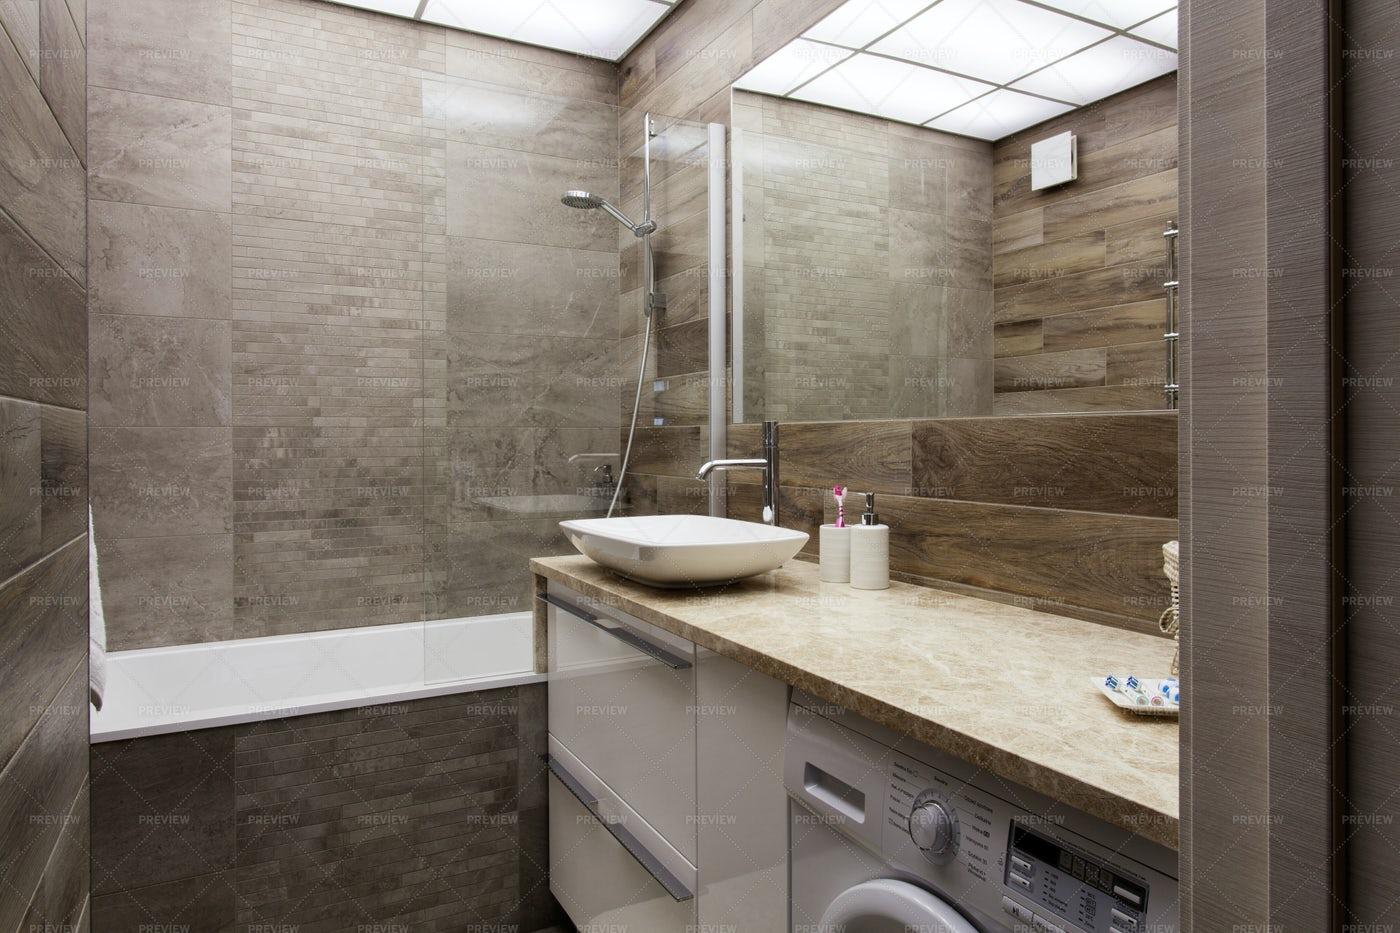 Interior Of A Modern Bathroom: Stock Photos